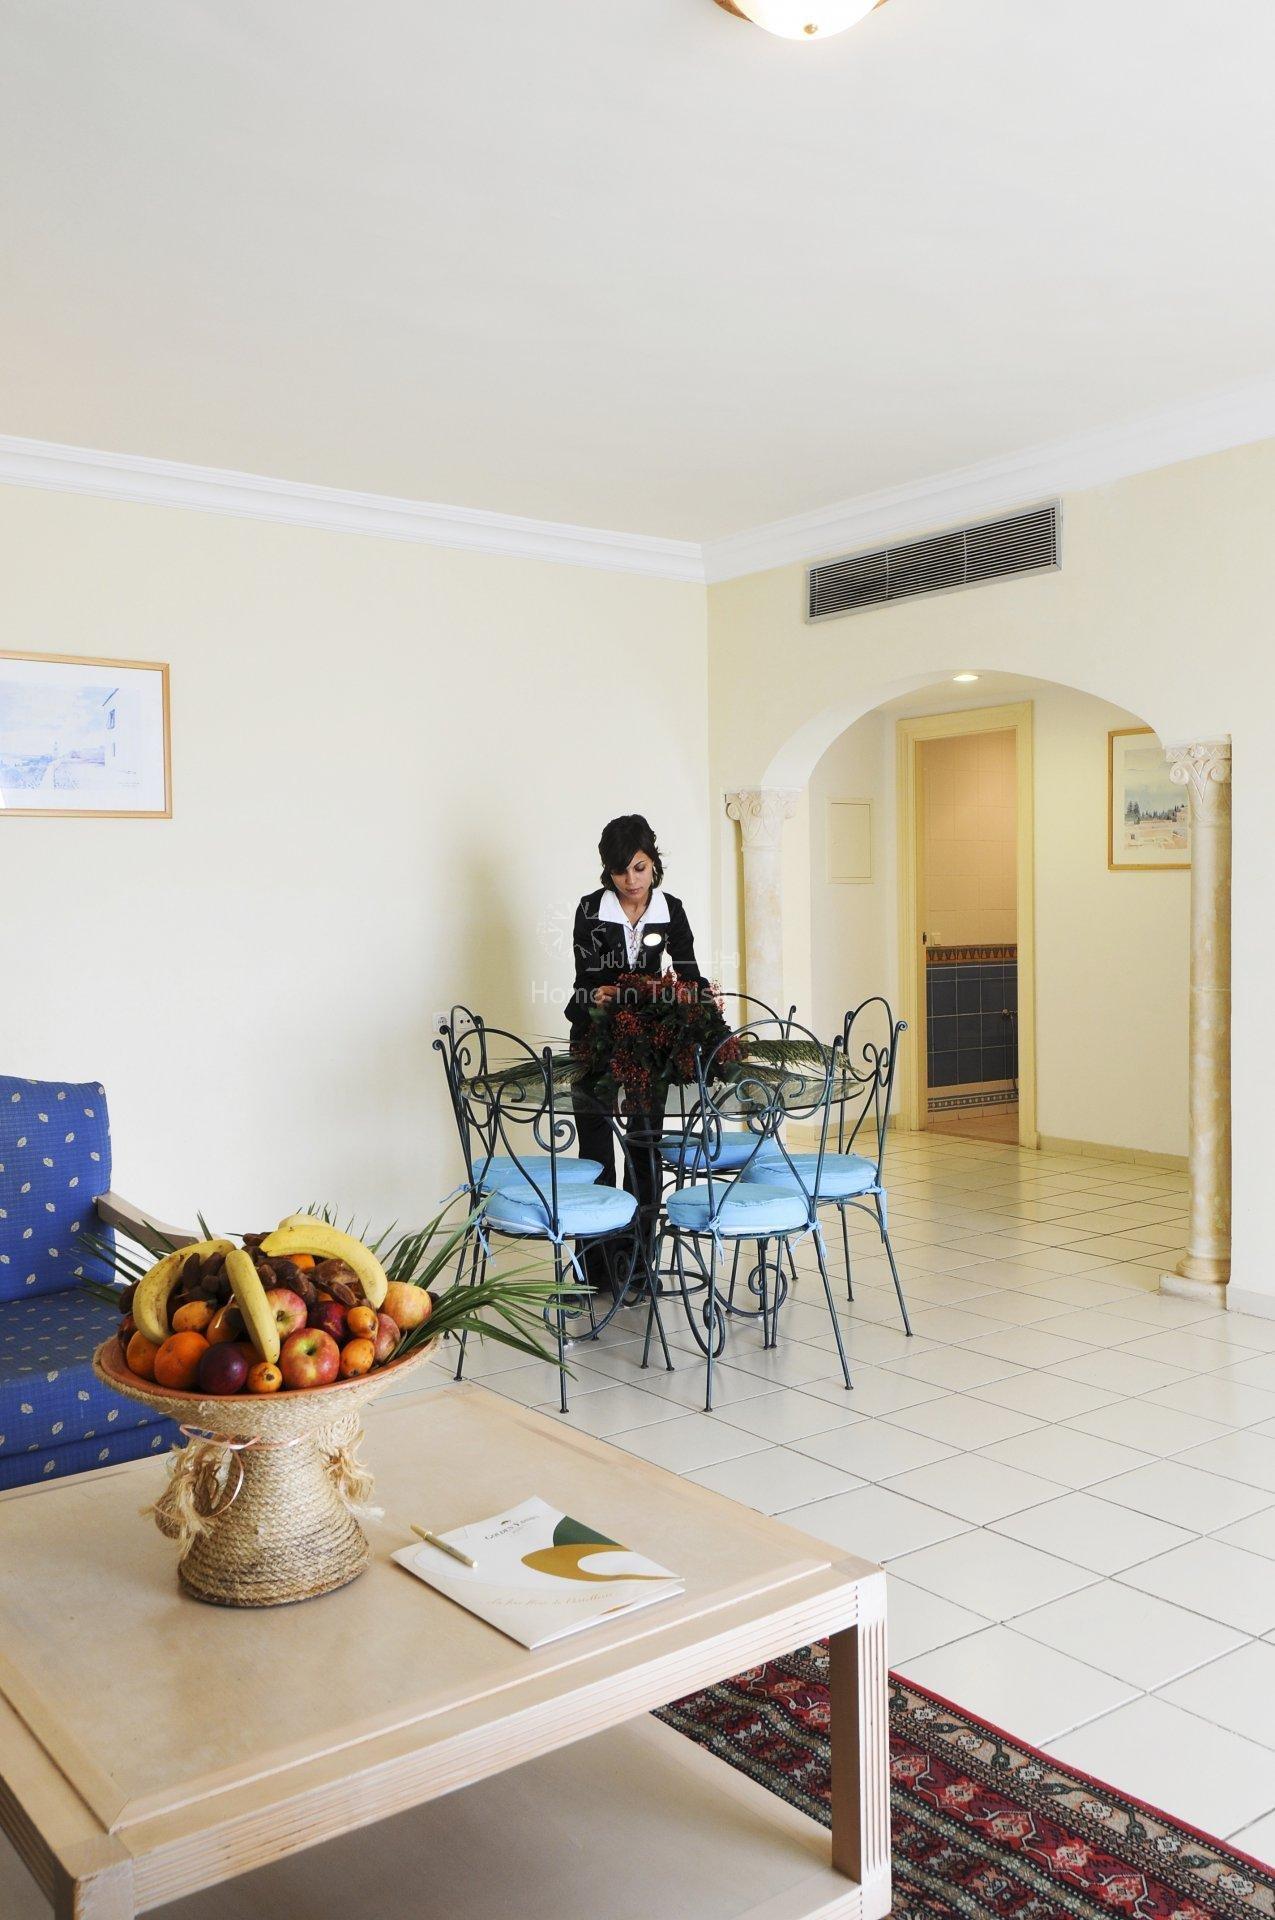 Appartement S+1 et S+ 2 meublé équipé vue jardin piscine medina immeuble bord de mer